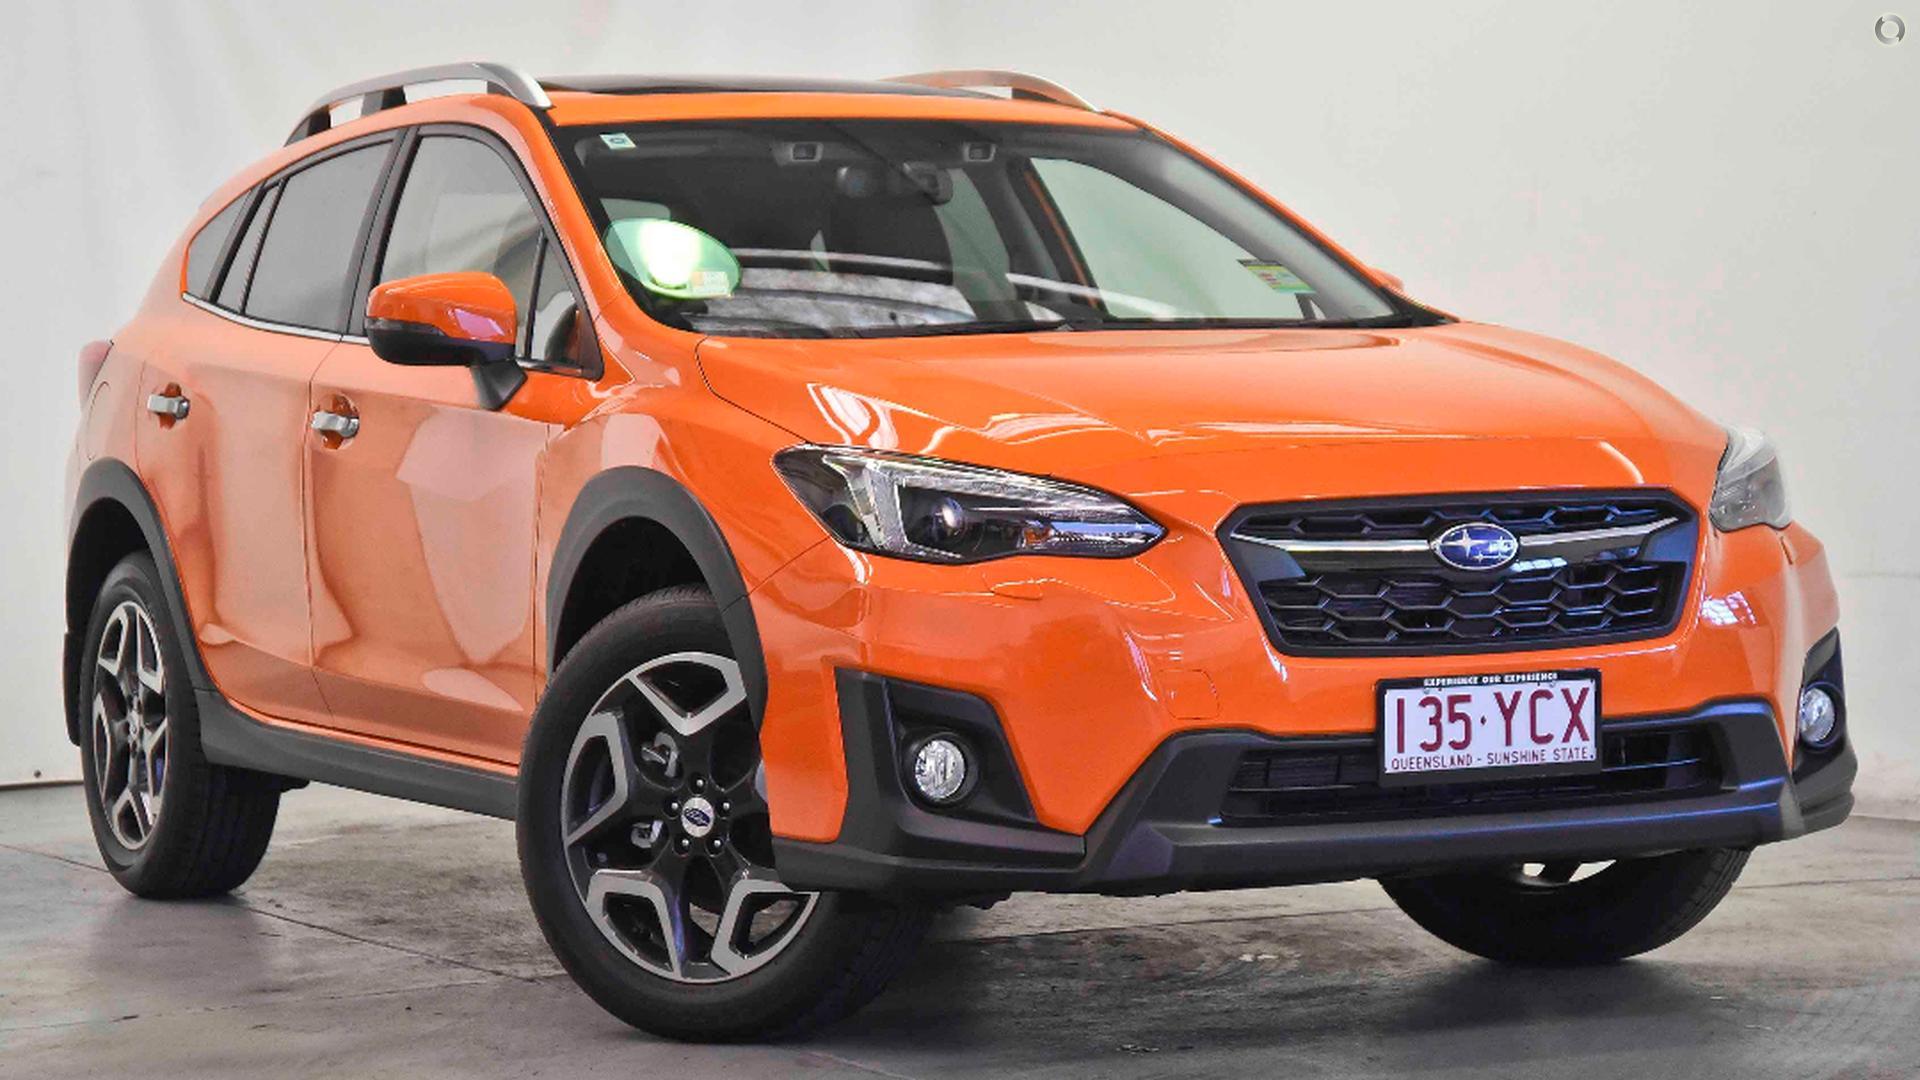 2018 Subaru Xv 2.0i-s